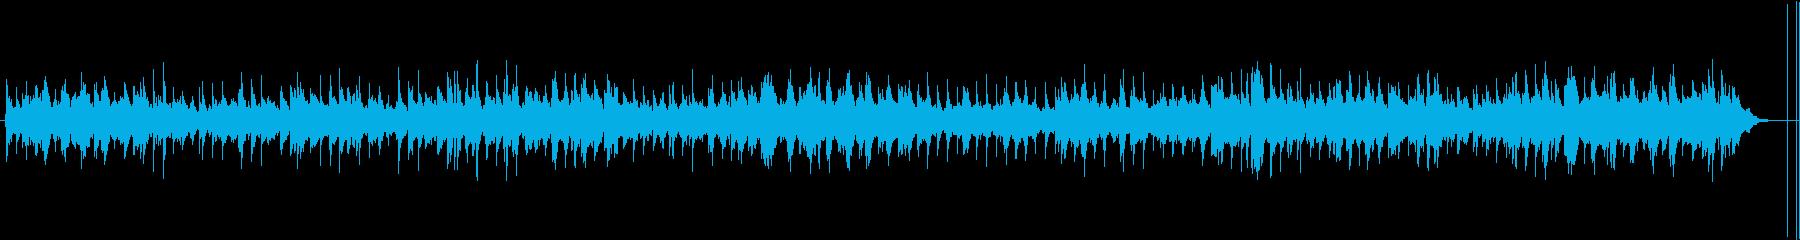 哀愁を帯びたメロディーが心にしみる曲の再生済みの波形